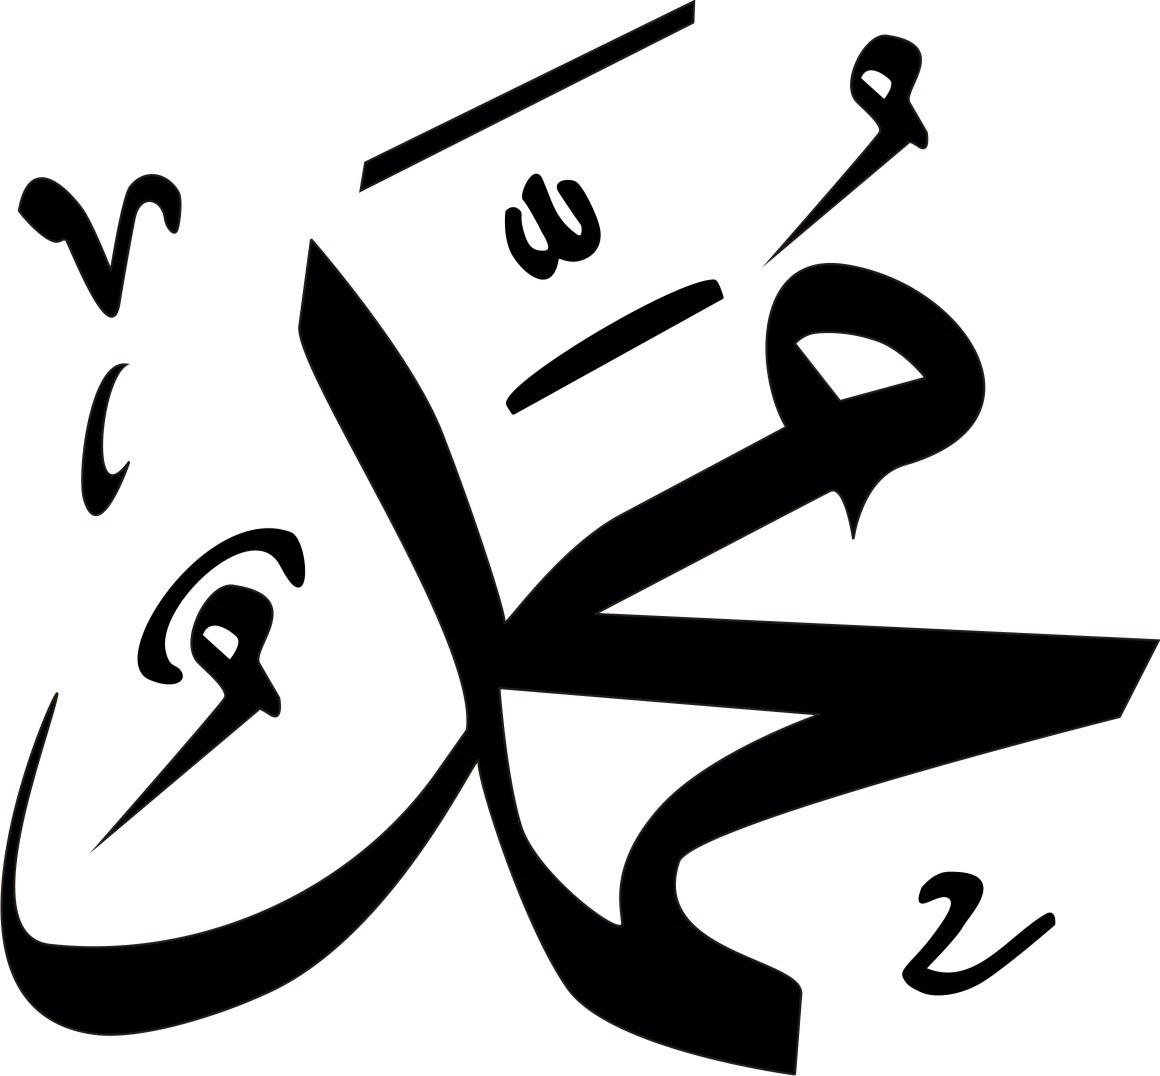 Download Video Cara Membuat Kaligrafi Dengan Coreldraw - how to make the calligraphy with CorelDraw 4